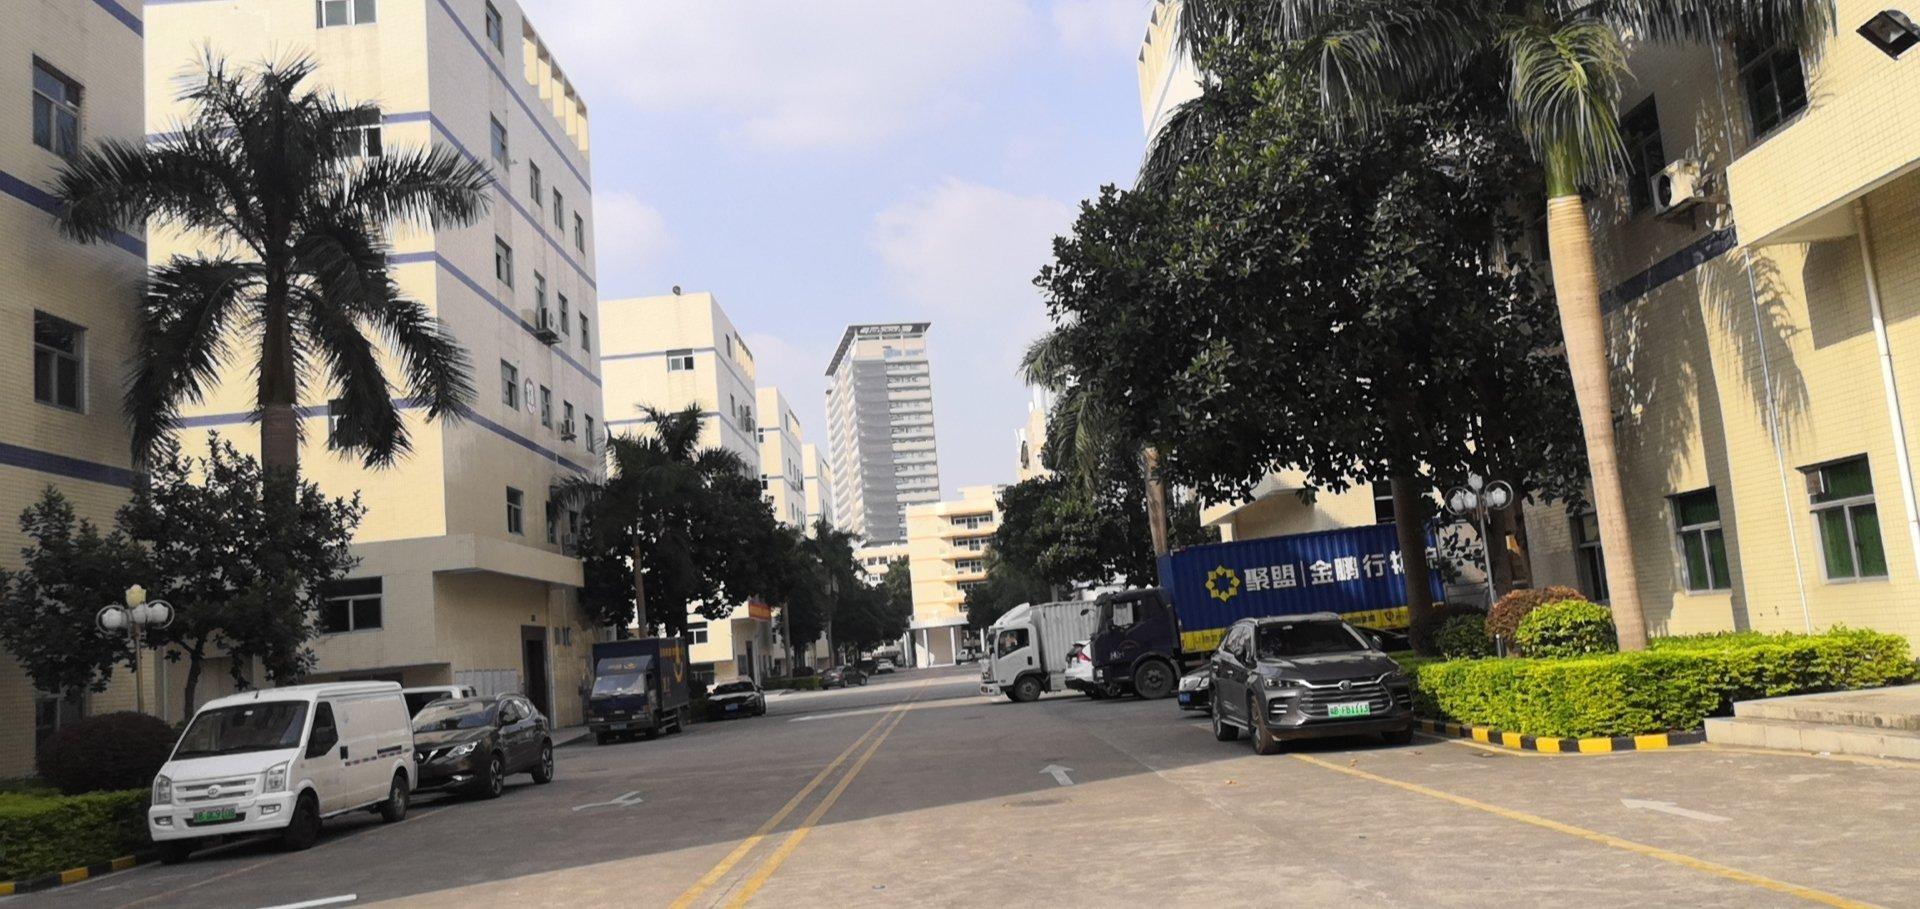 深圳市龙岗区布吉高速路口旁边花园式工业园原房东一手厂房出租